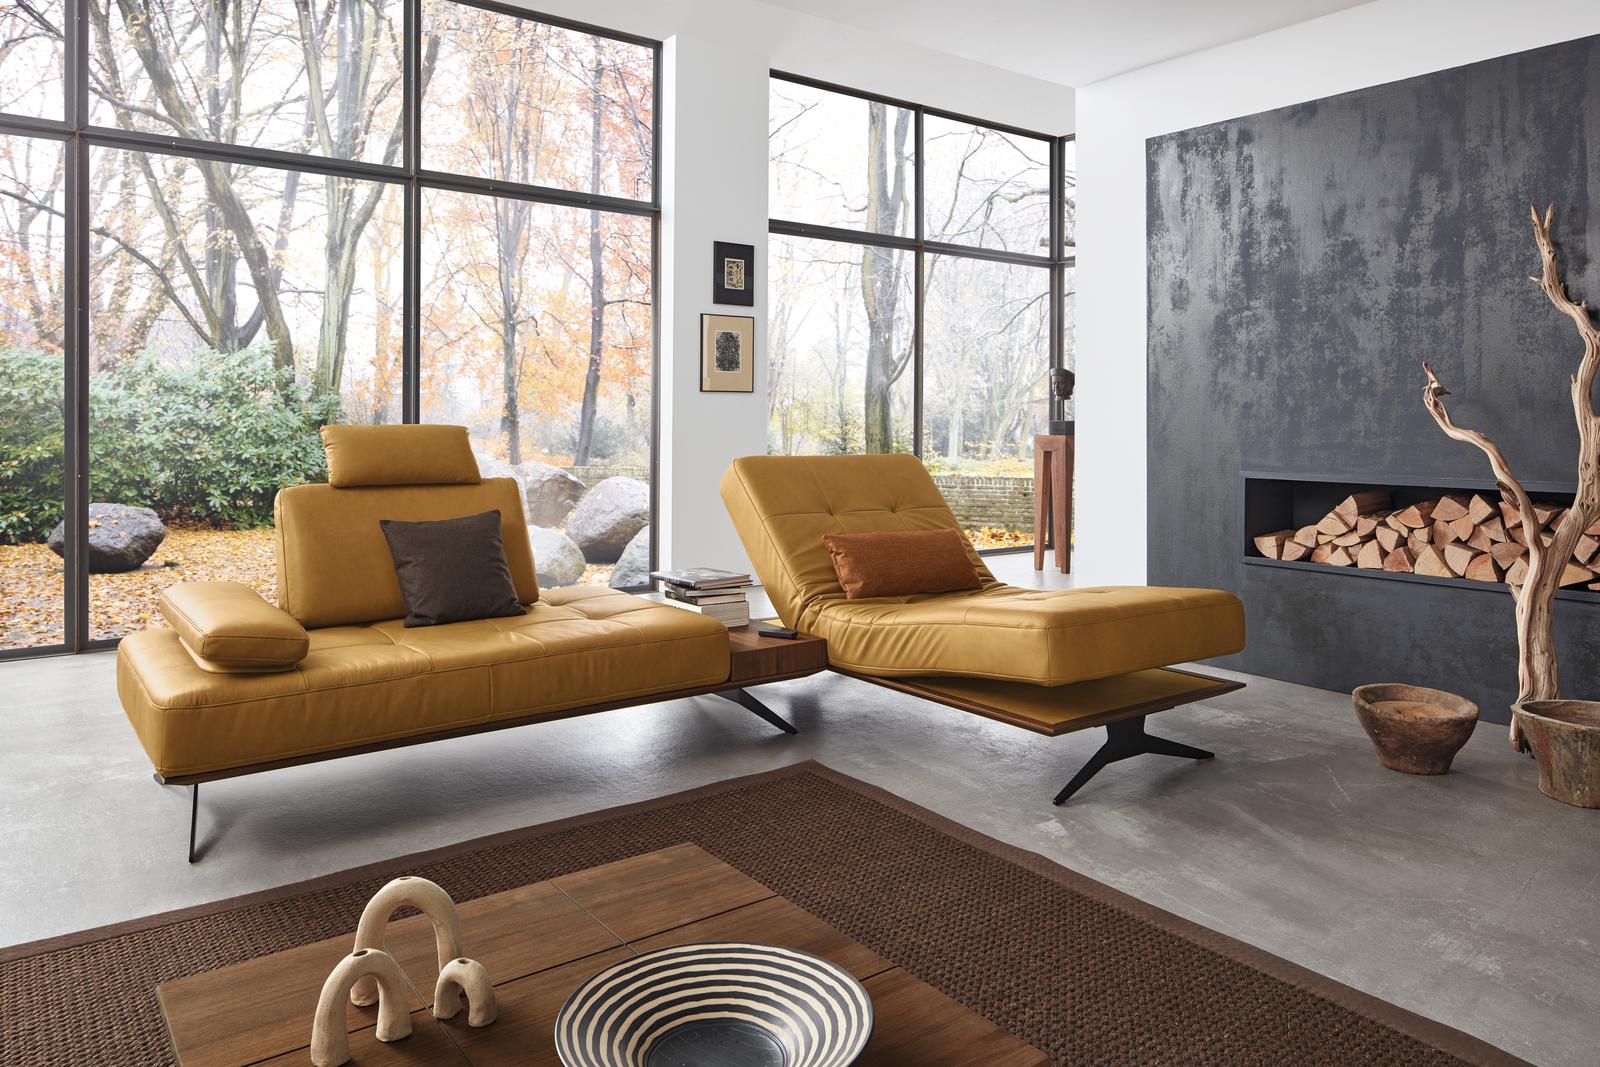 Ecksofa Verona in gelbem Leder mit integriertem Tisch, Relaxliege, Holzsockel und schwarzen Metallfüßen